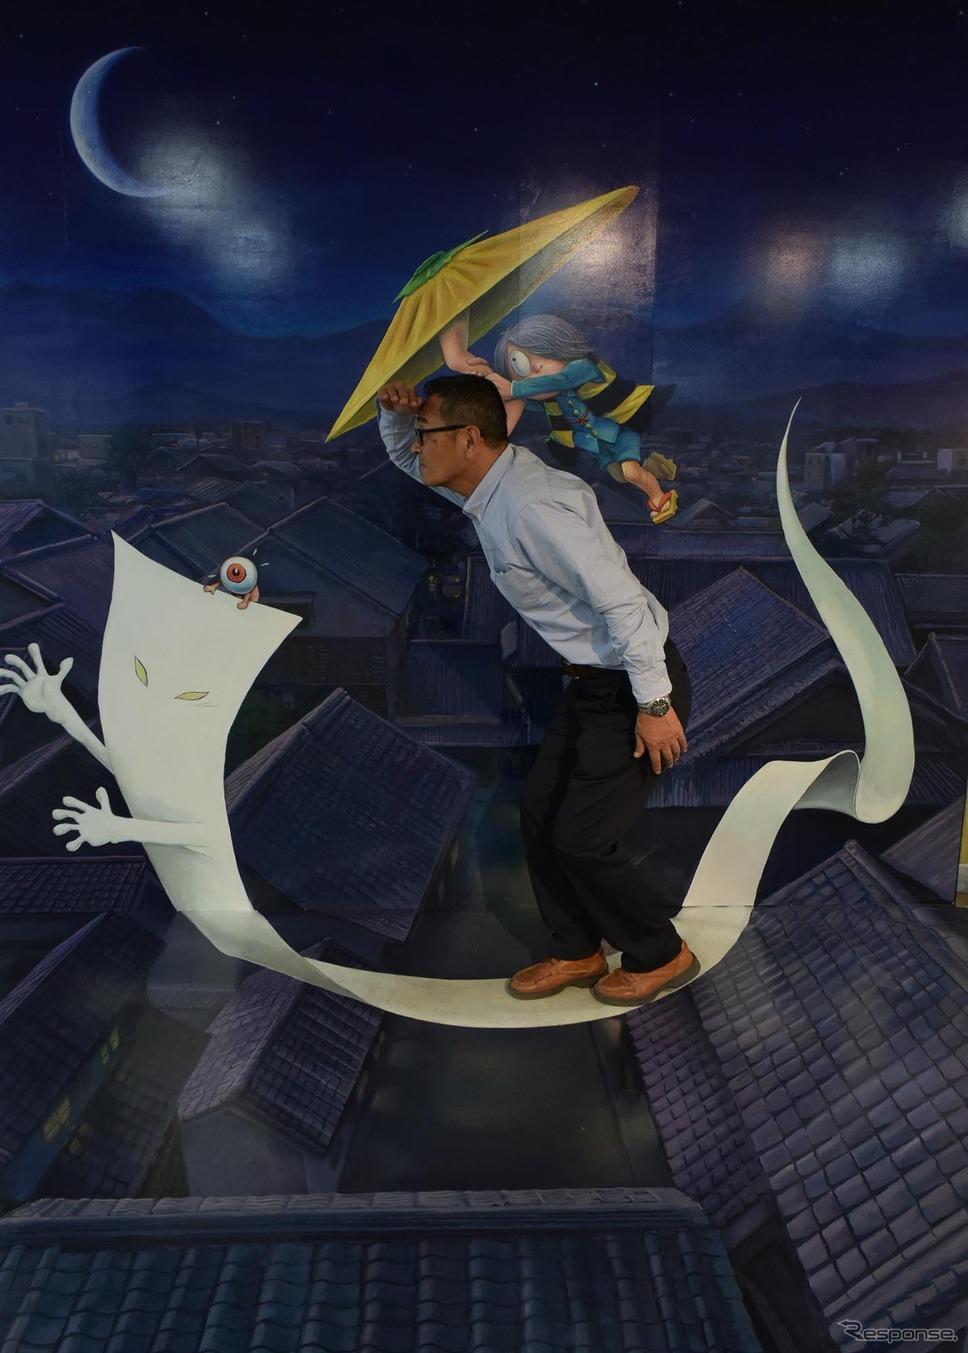 記念撮影コーナー。鹿児島・大隅半島南部に伝承のある妖怪、一反木綿に乗って空を飛ぶイメージ。乗っているのは庄司館長。《撮影 井元康一郎》